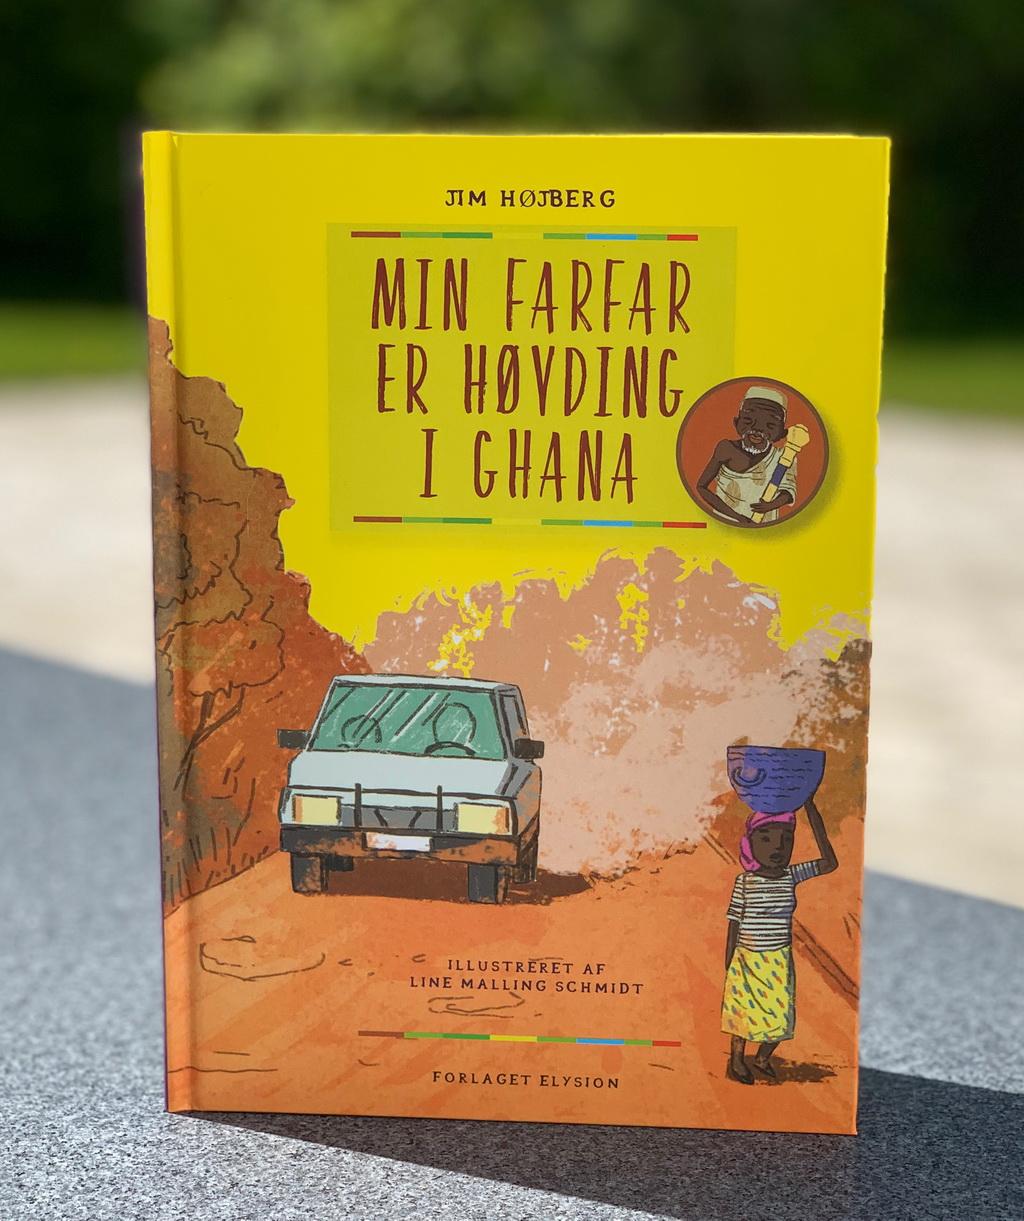 Min farfar er høvding i Ghana af Jim Højberg